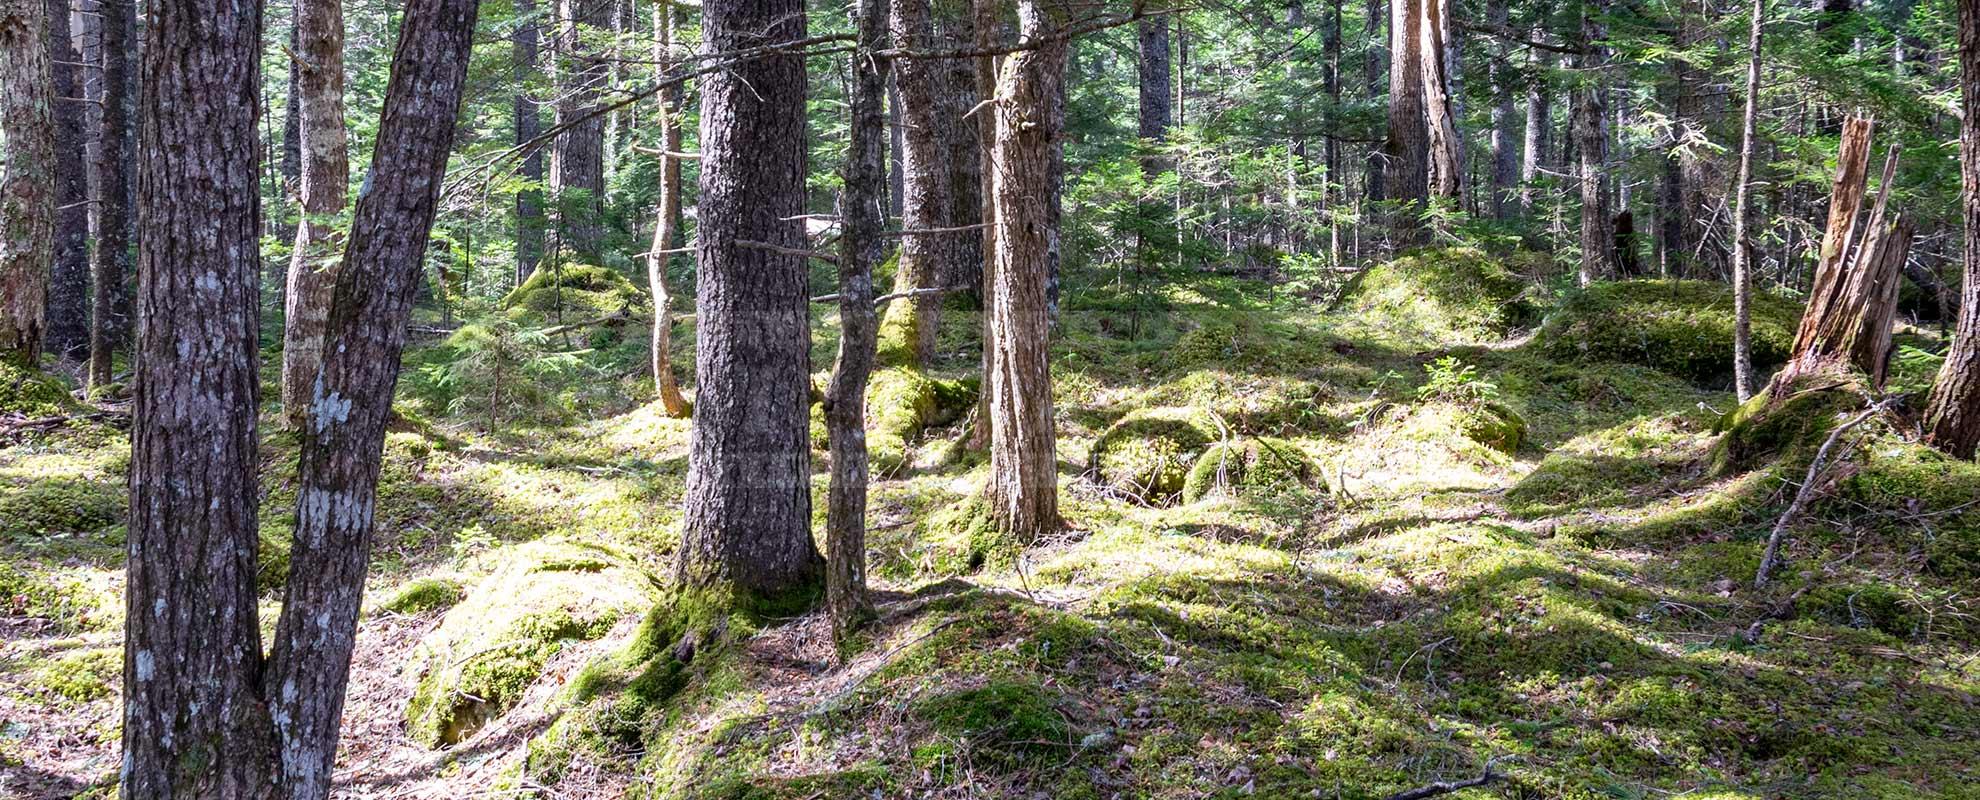 forest hike in Nova Scotia, beautiful wild nature